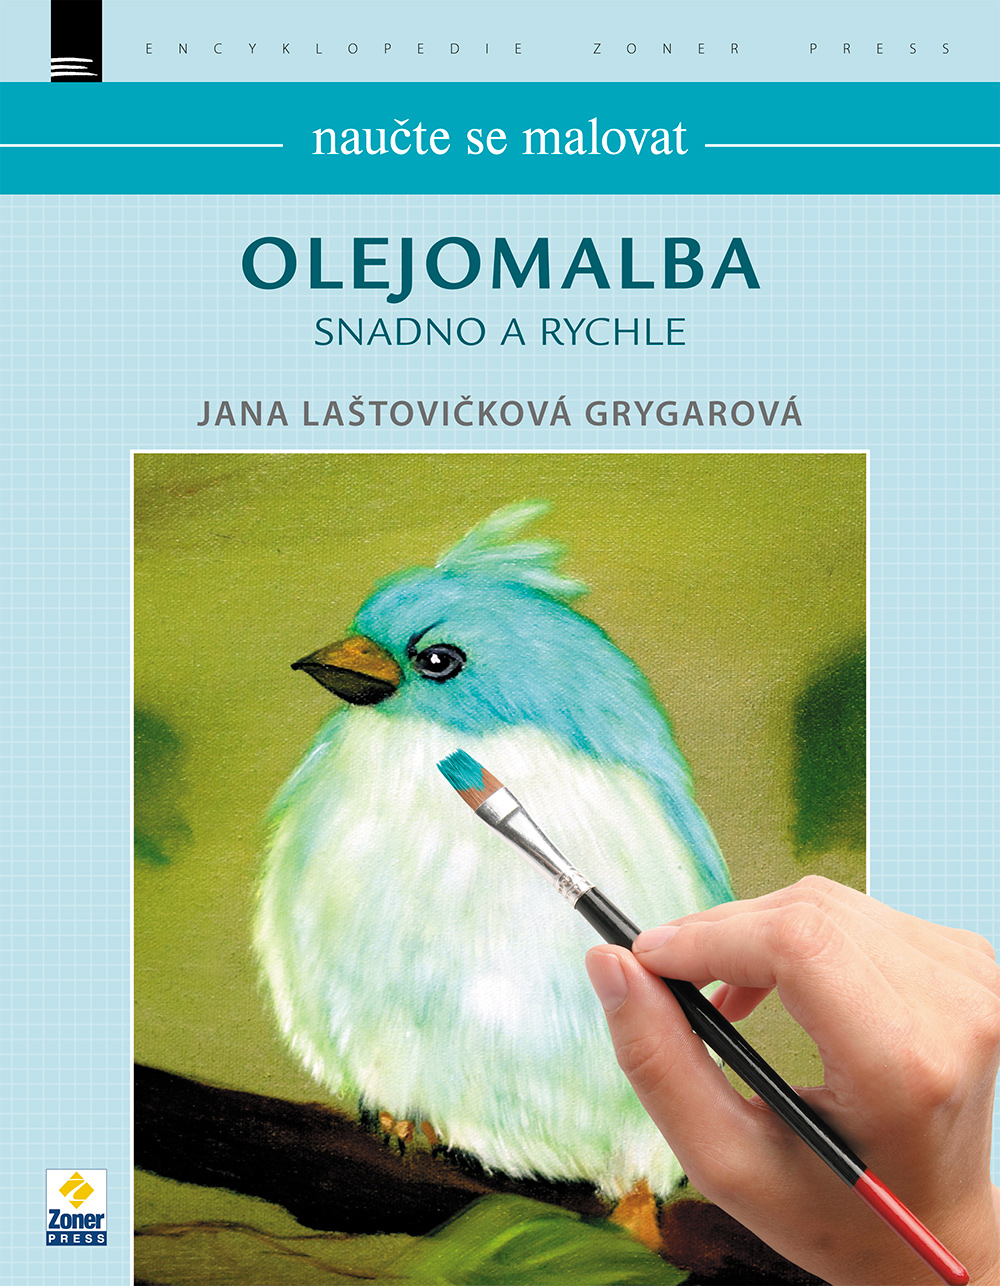 Naučte se malovat: Olejomalba snadno a rychle